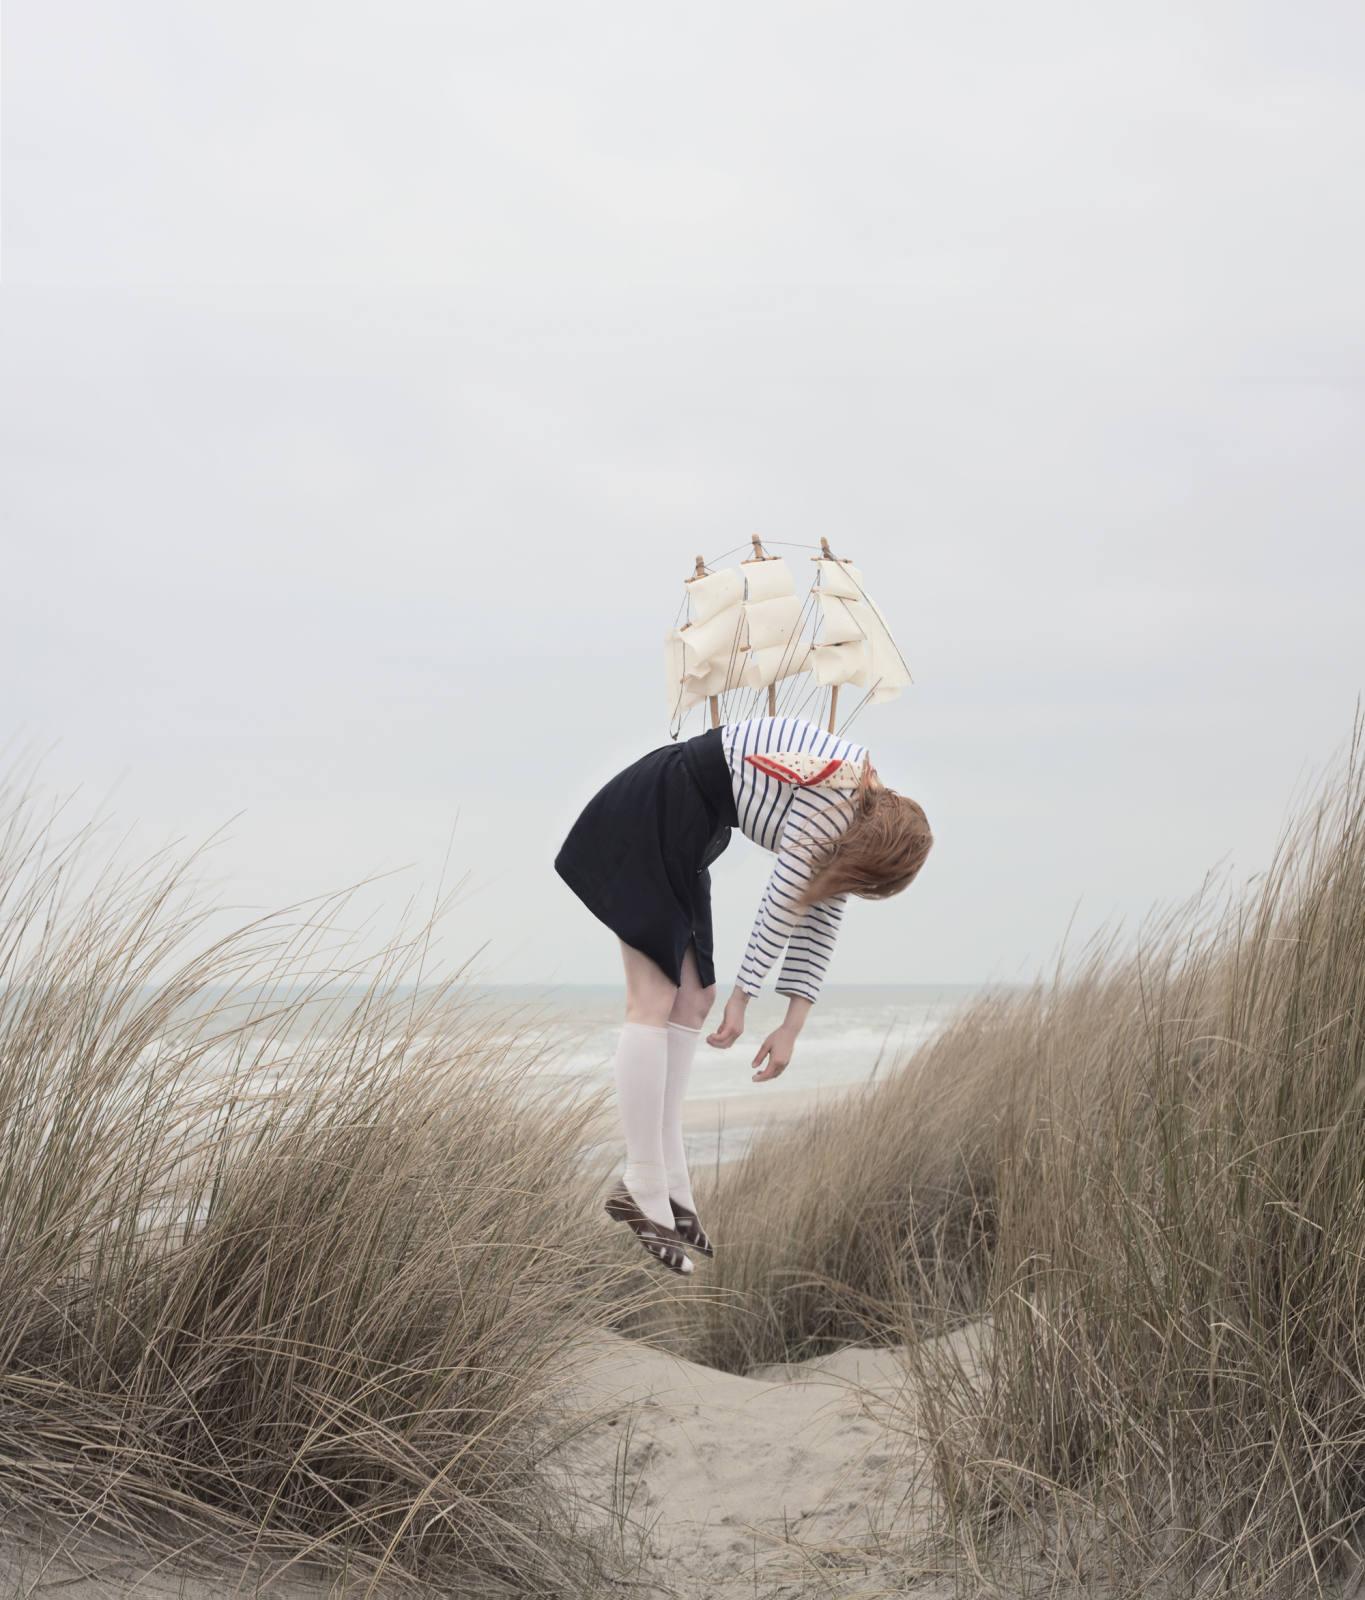 Les photographies oniriques de Maia Flore